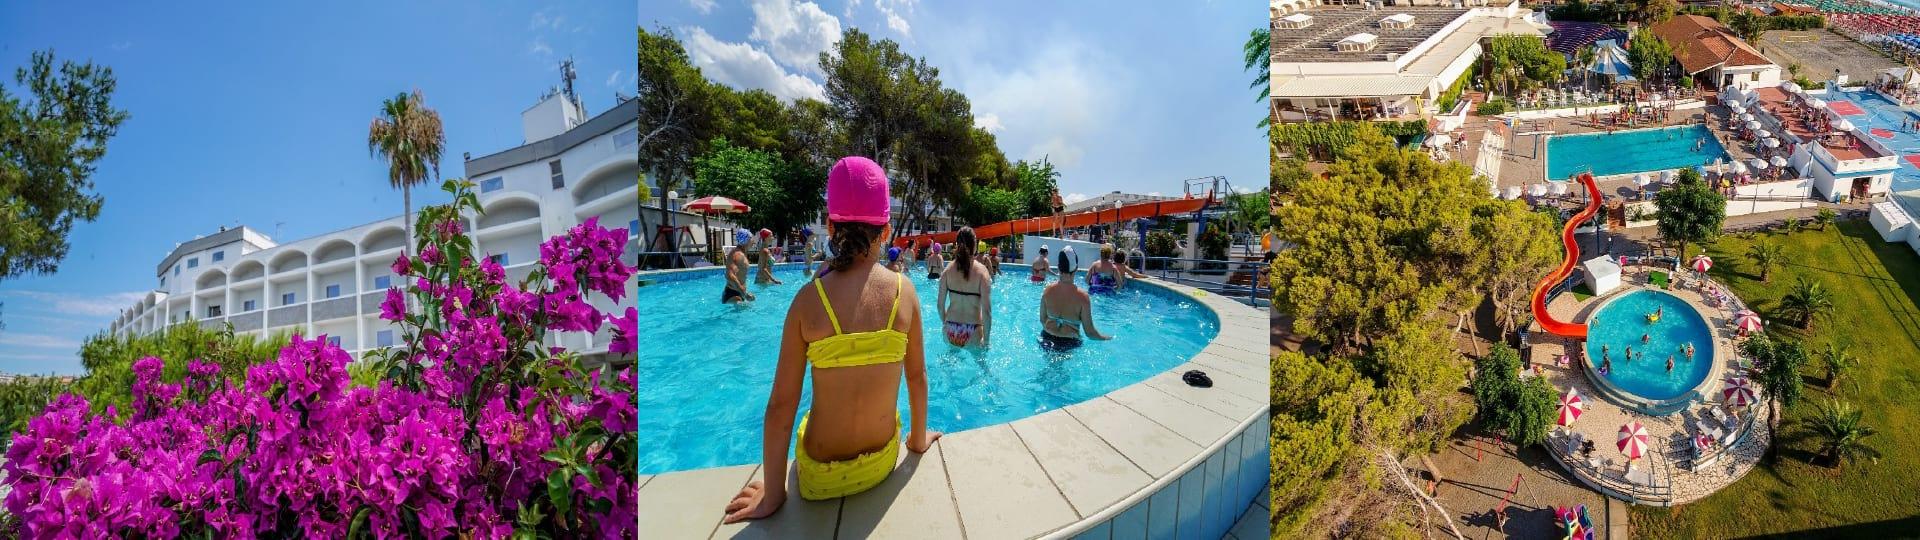 Santa Caterina Resort Hotel & SPA image